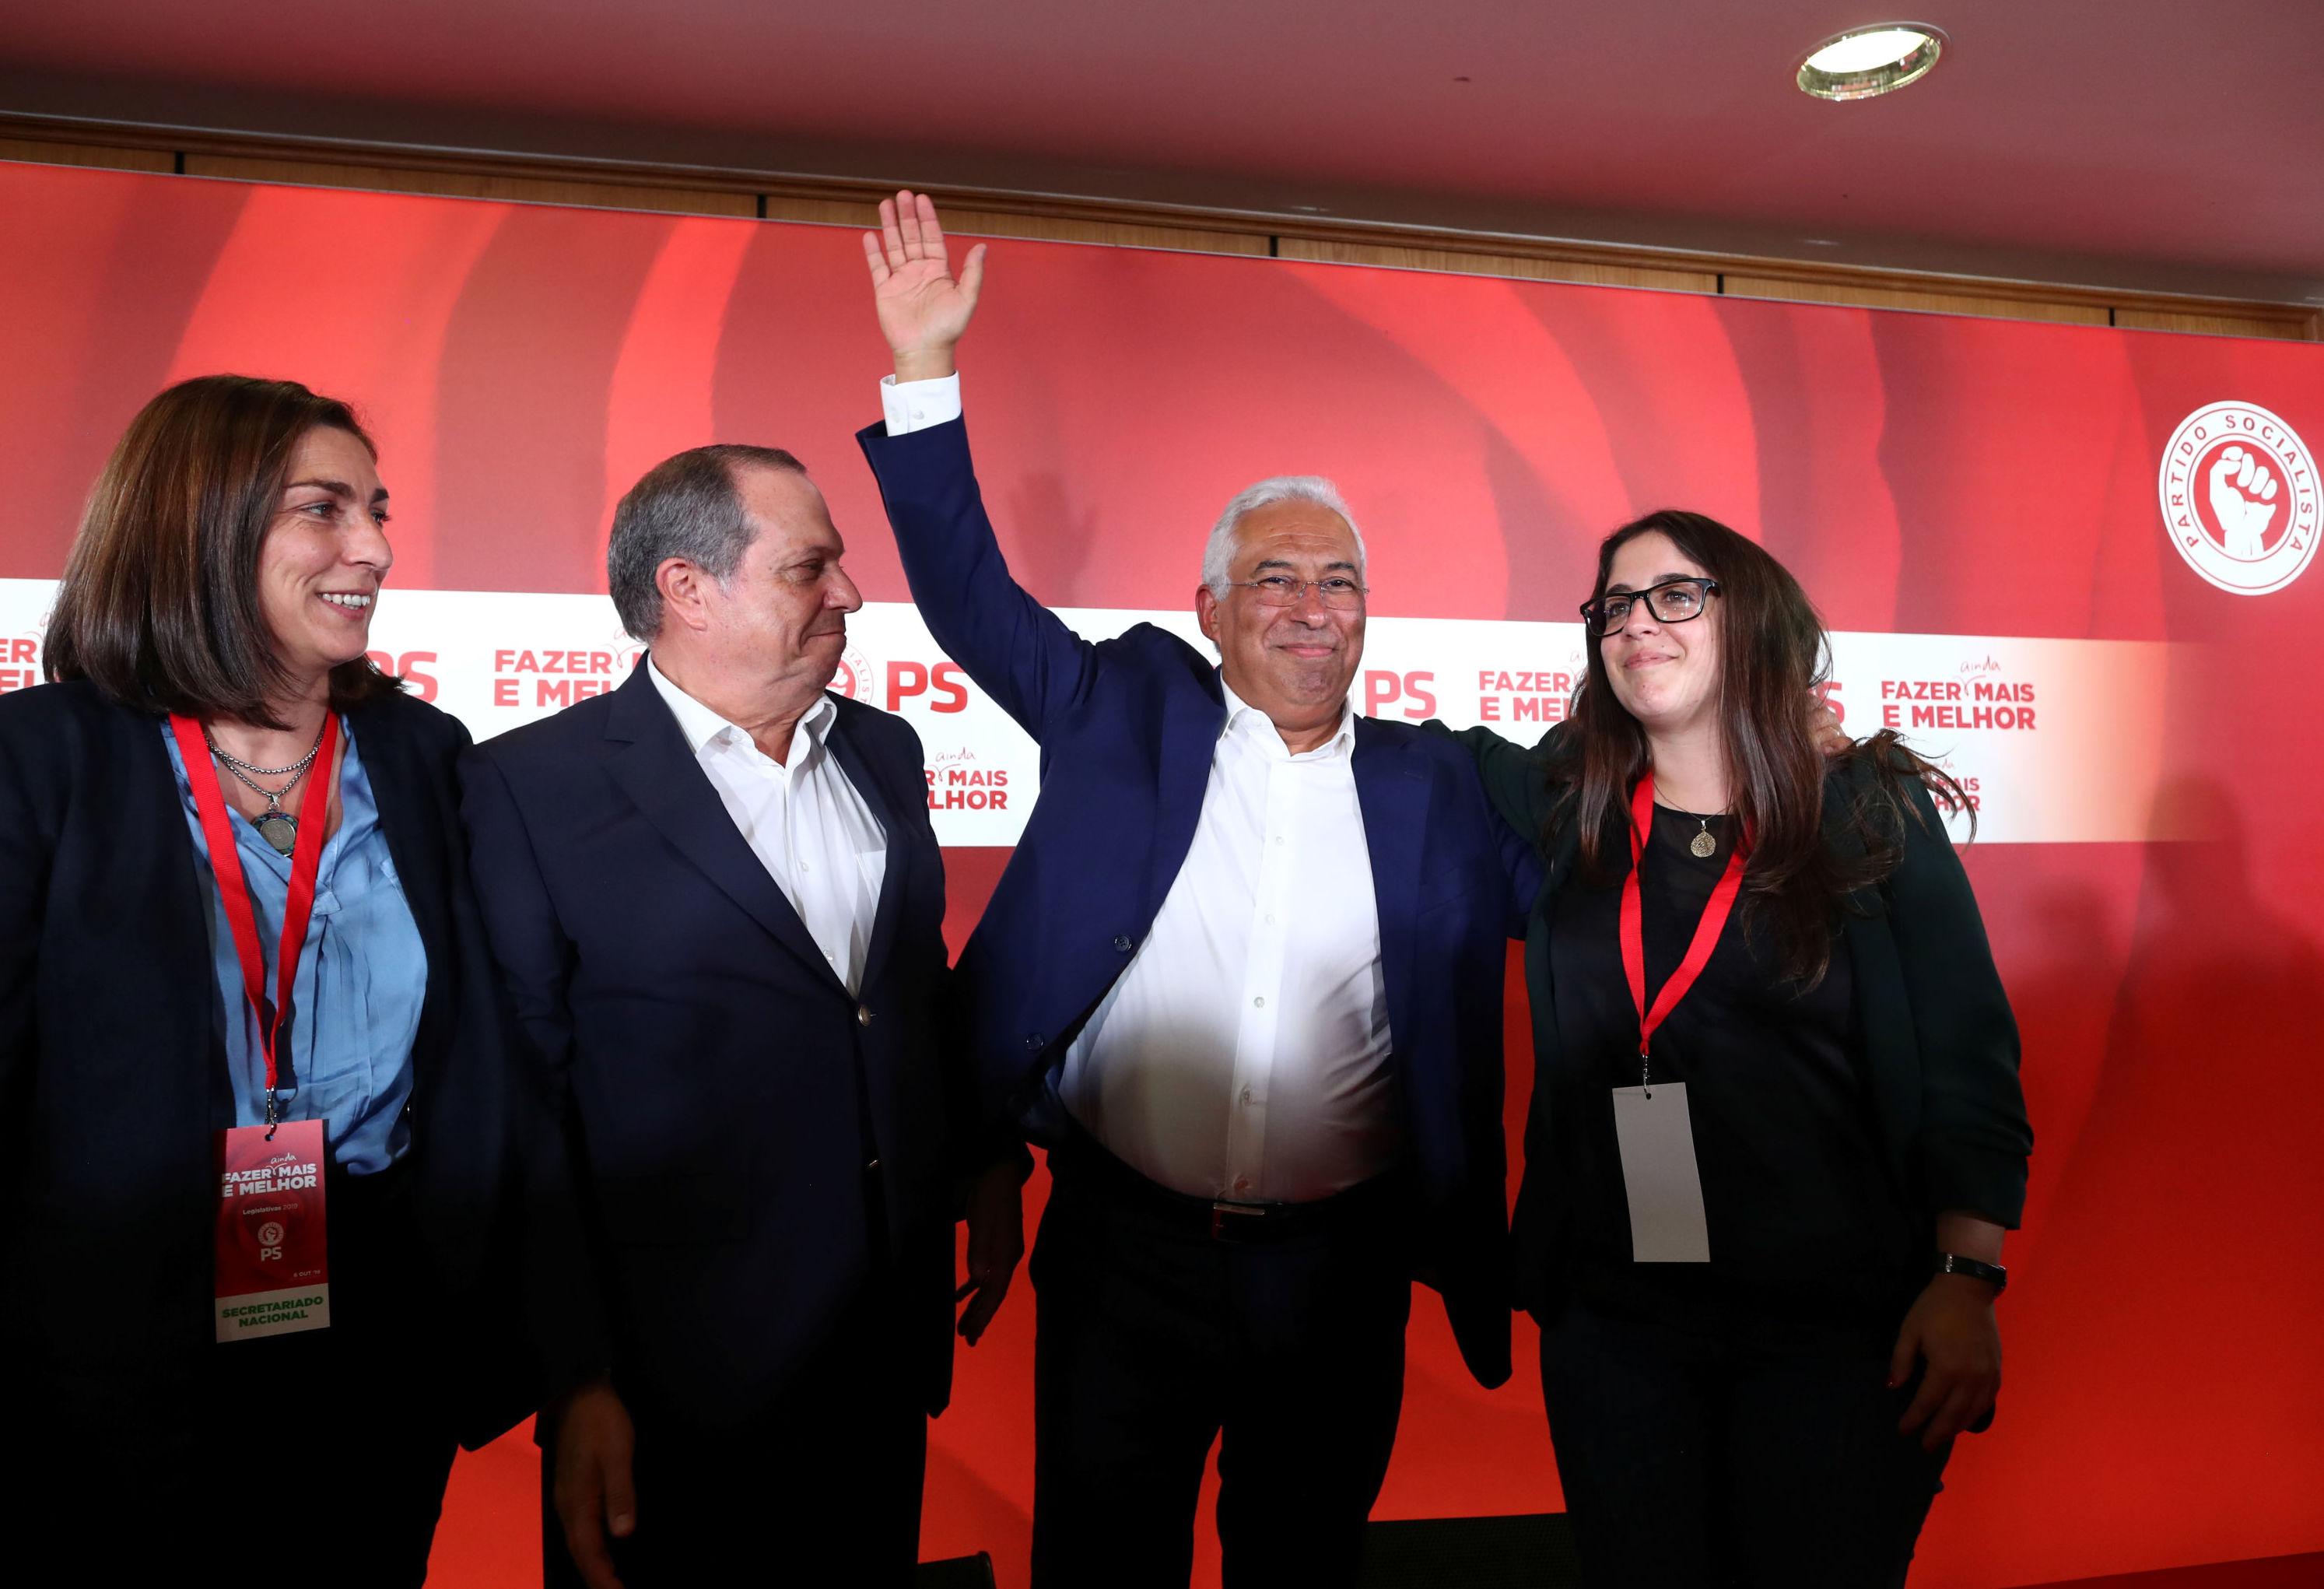 Primeiro-ministro e líder do Partido Socialista português, António Costa, celebrando os resultados primários da votação parlamentar em Portugal